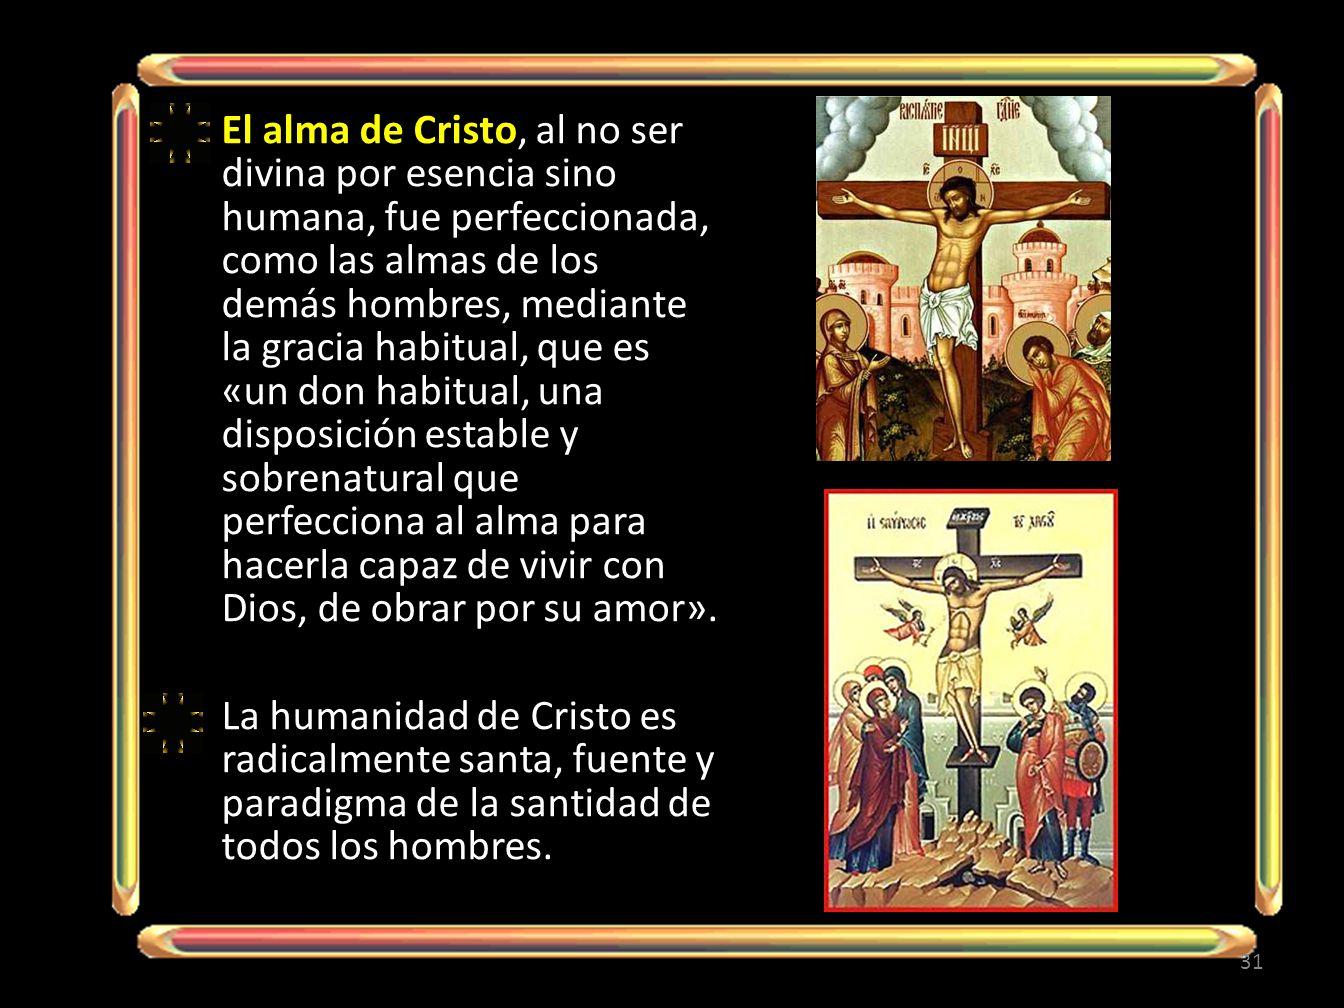 El alma de Cristo, al no ser divina por esencia sino humana, fue perfeccionada, como las almas de los demás hombres, mediante la gracia habitual, que